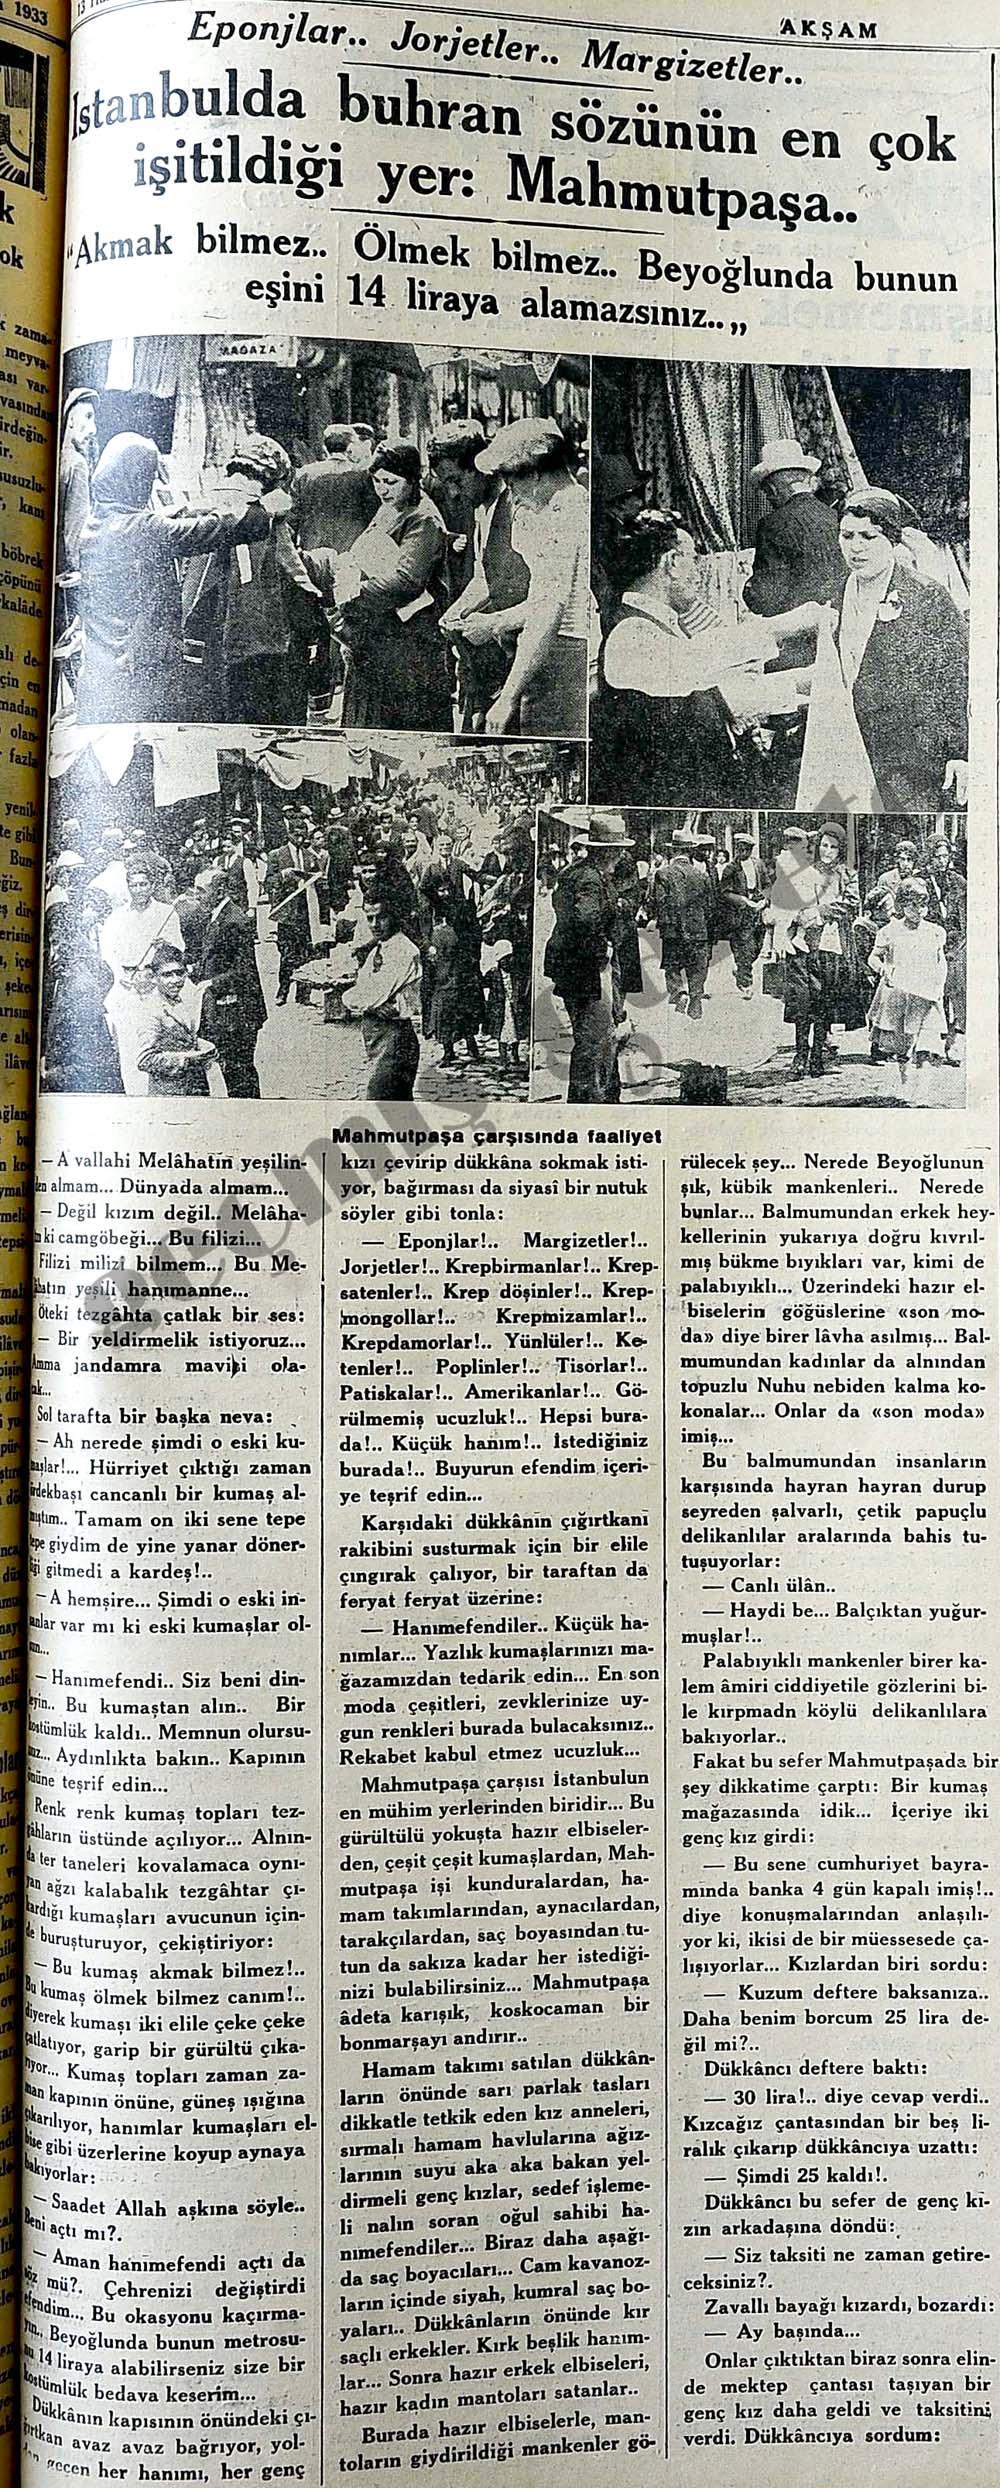 İstanbulda buhran sözünün en çok işitildiği yer: Mahmutpaşa..